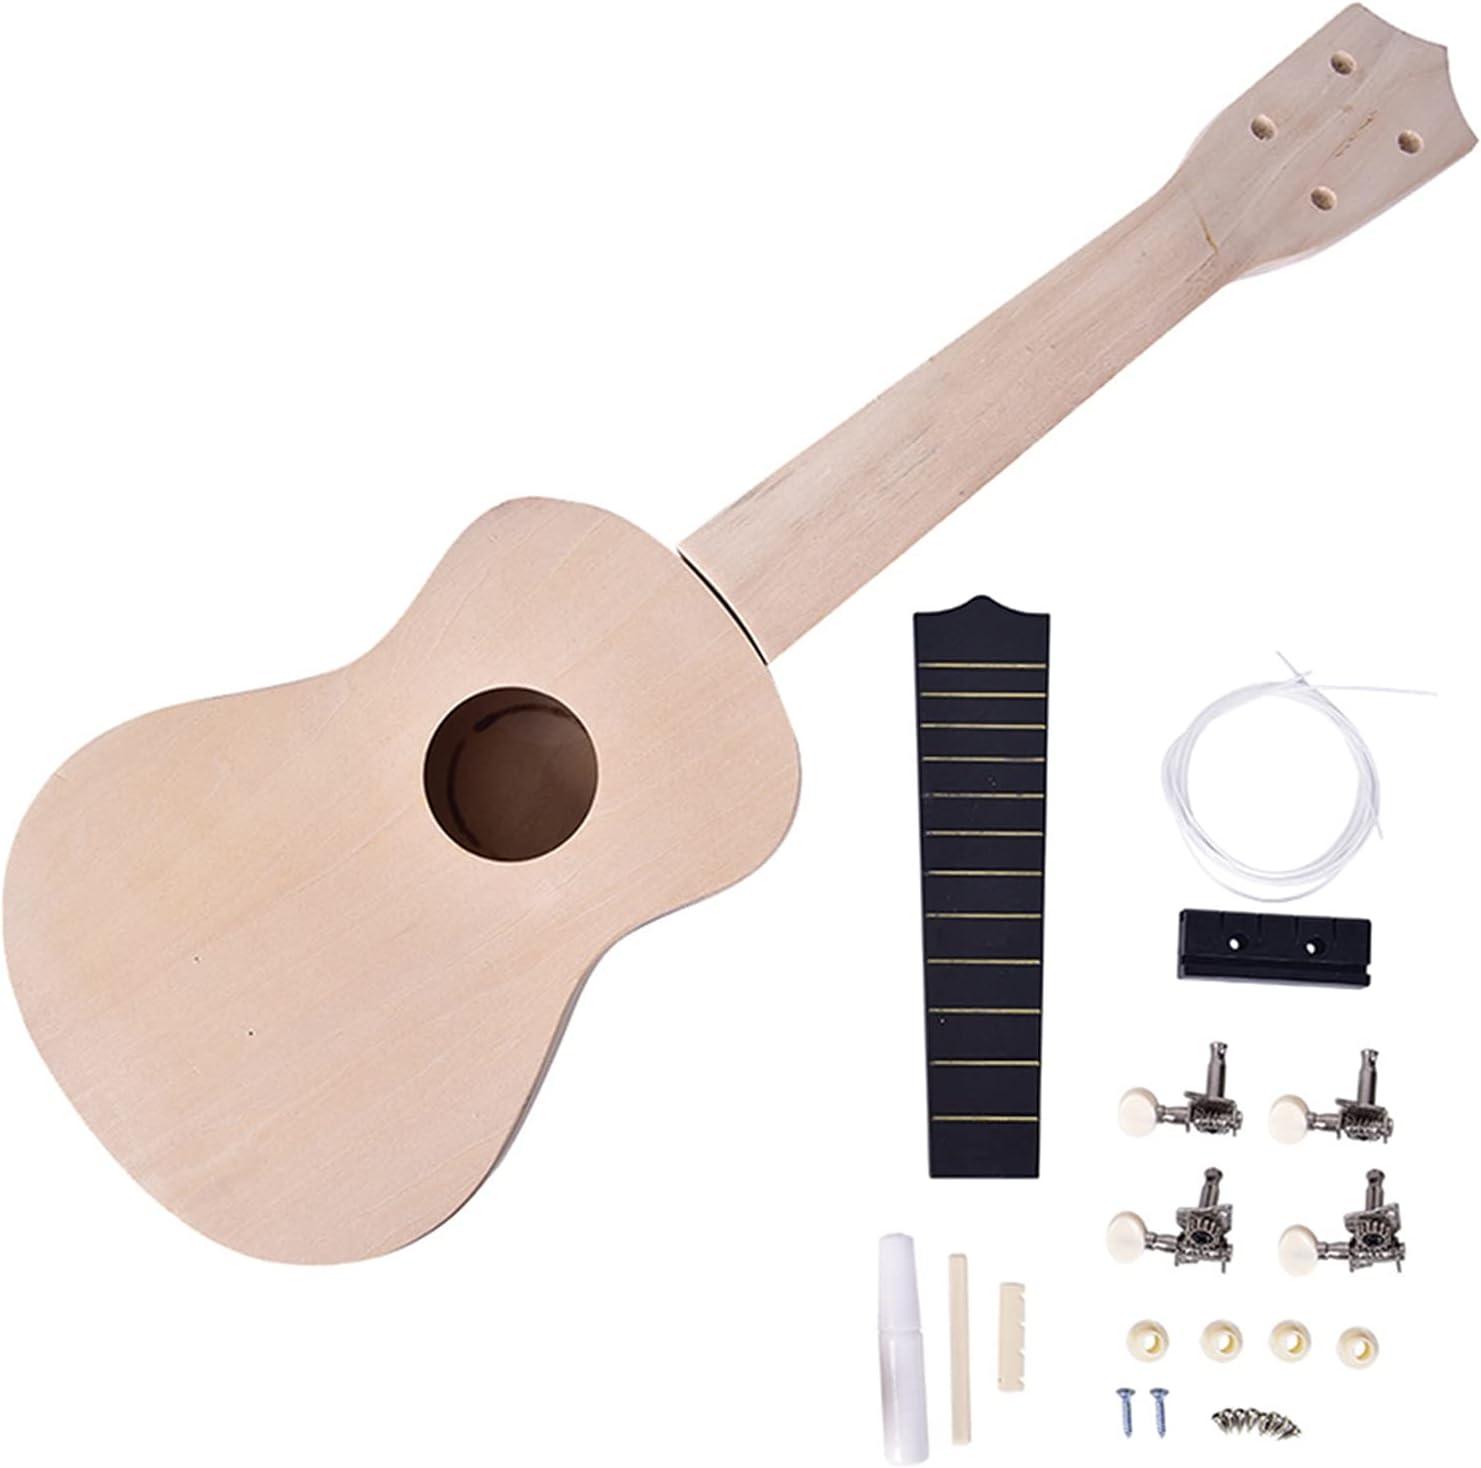 Elegant 21-inch Ukulele DIY Kit New arrival Tool Hawaiian Guitar Assembling Hand Ama